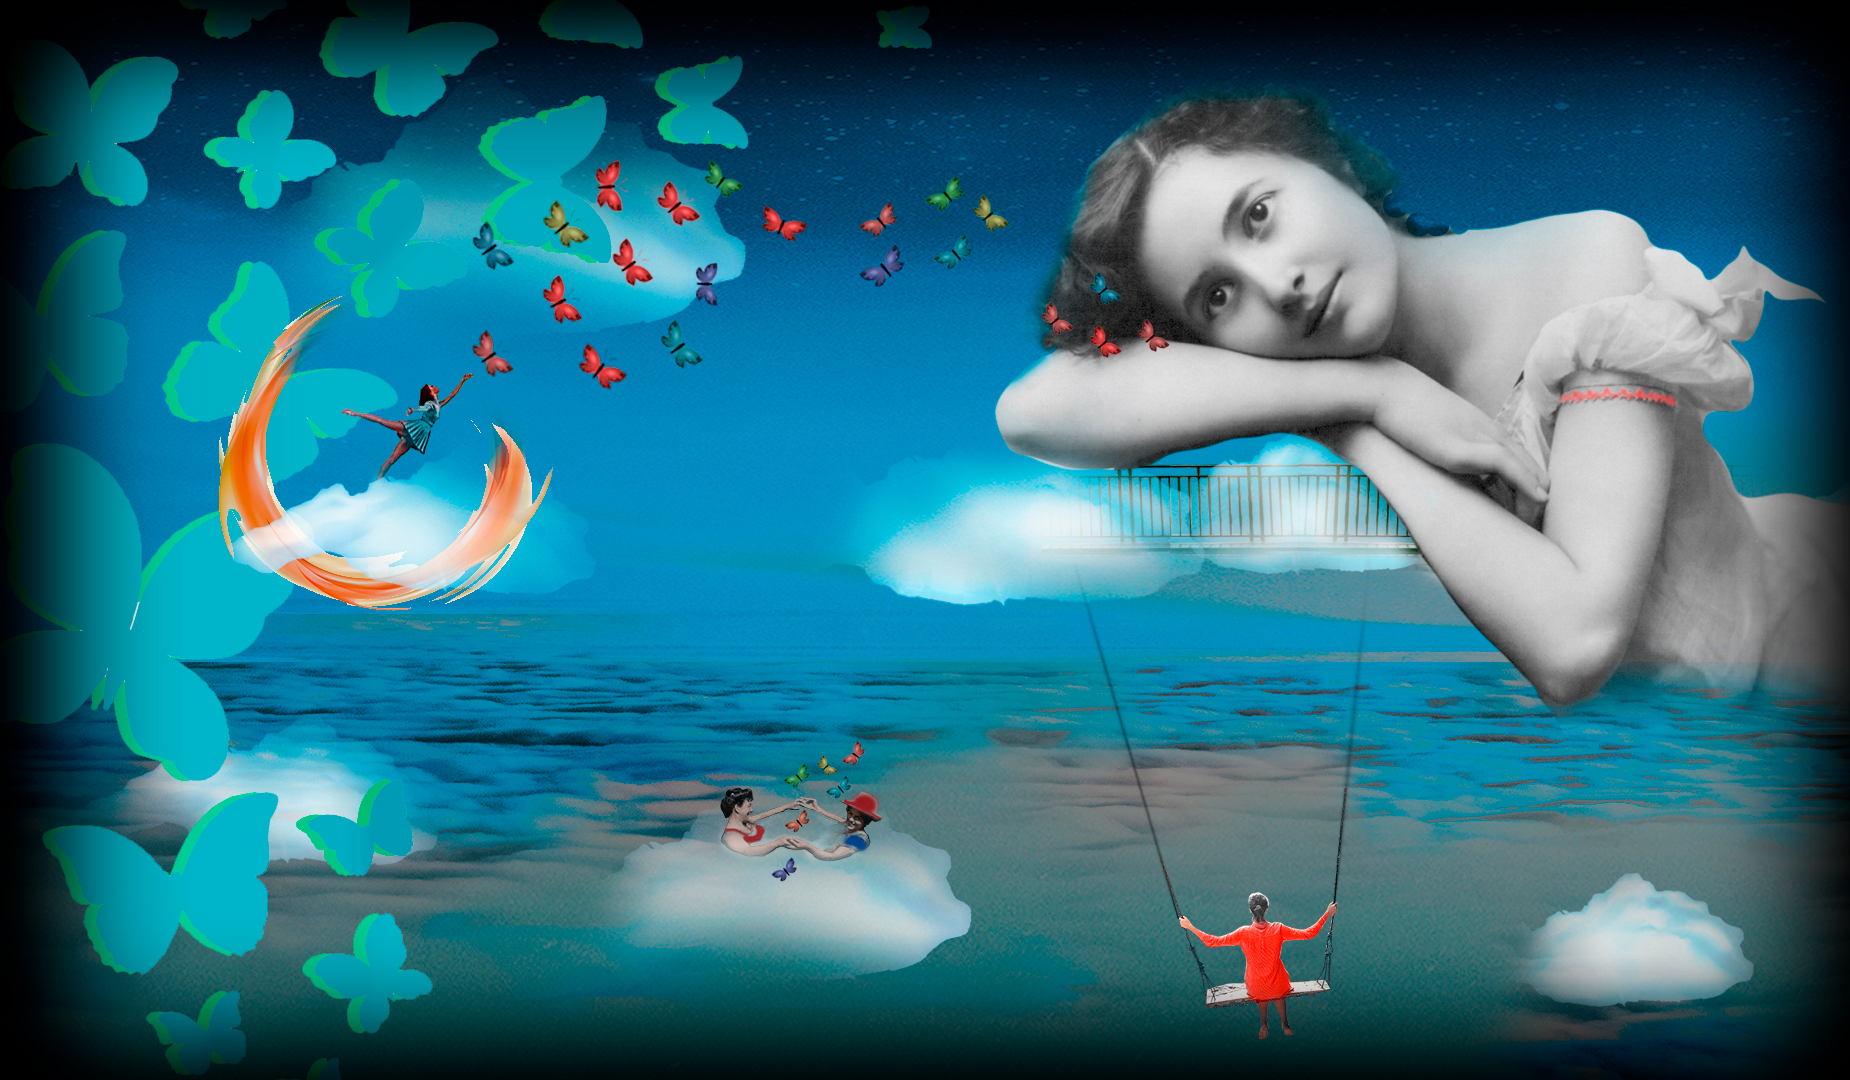 Mujer soñadora sobre nubes y rodeada de mariposas. LocoMundoArteyBohemia